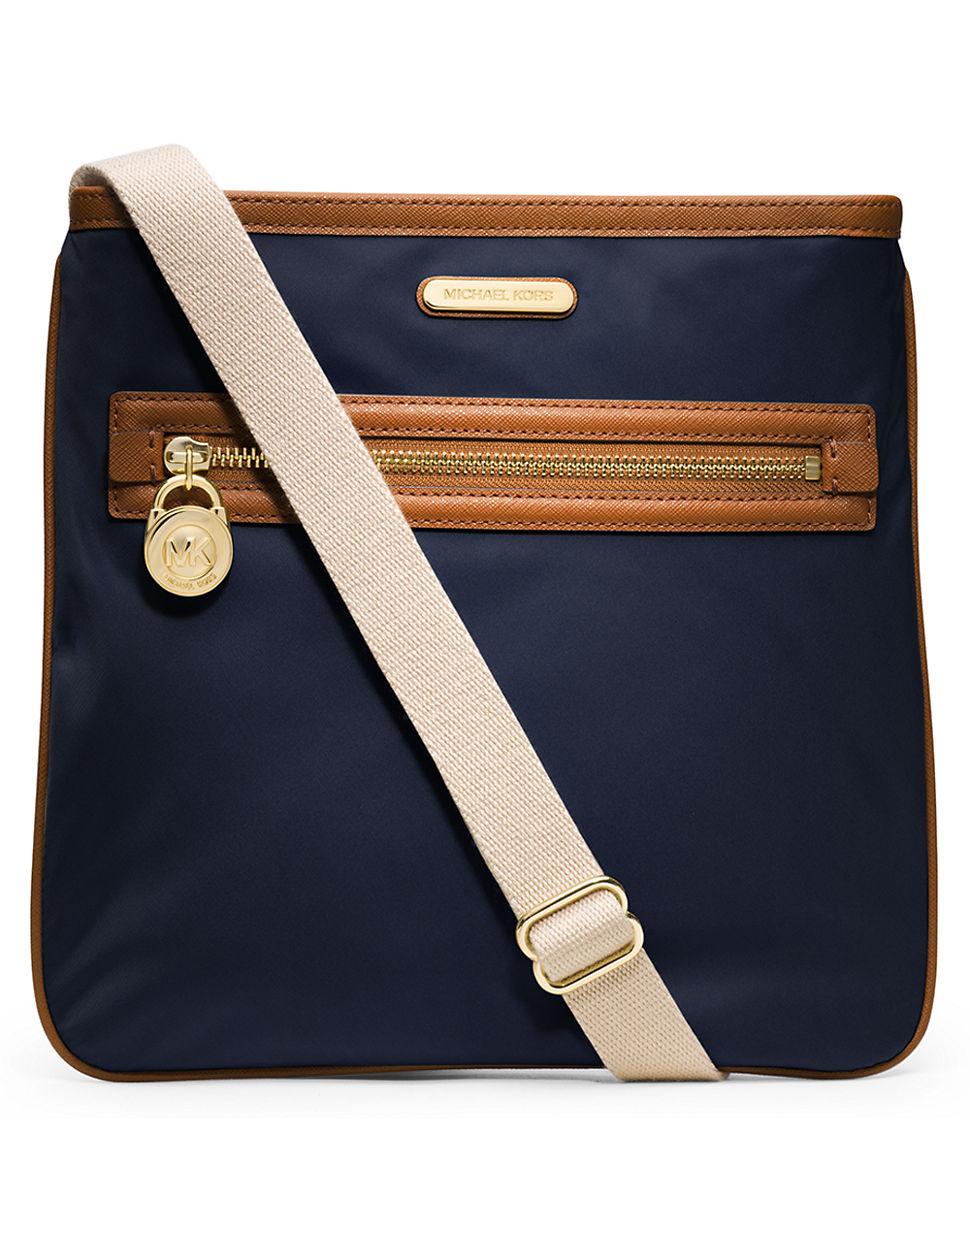 a120ec985f76 Michael Kors Nylon Crossbody Bag | Stanford Center for Opportunity ...